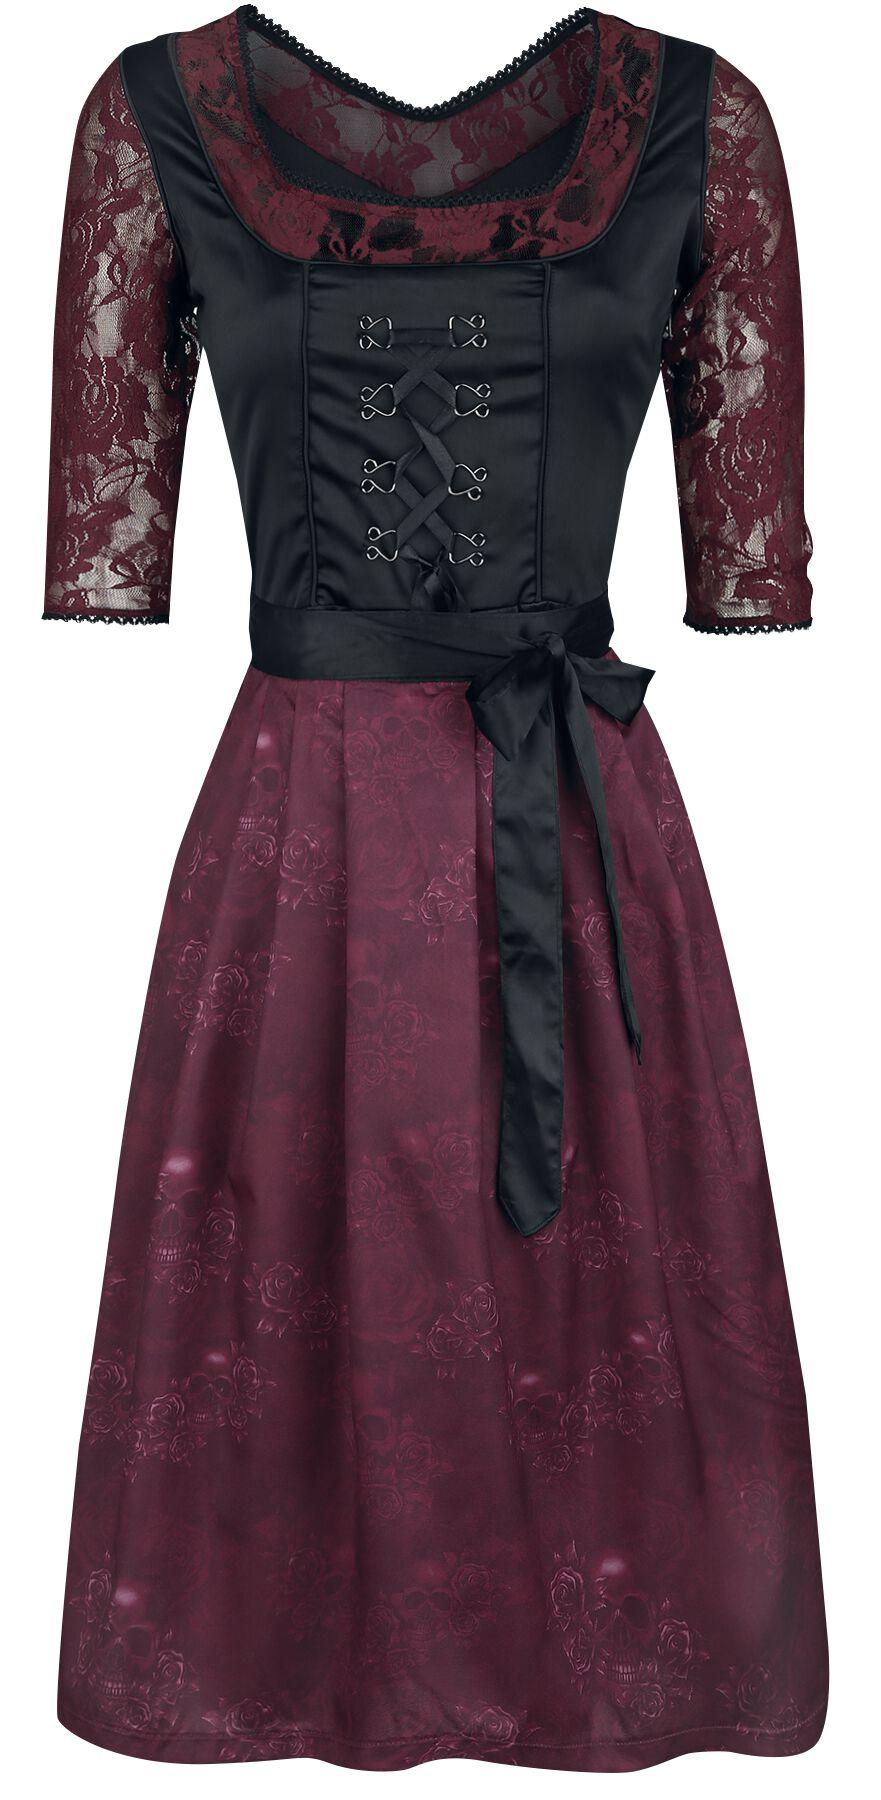 Kleider - Black Premium by EMP Hedi's Dirndl Mittellanges Kleid schwarz bordeaux  - Onlineshop EMP